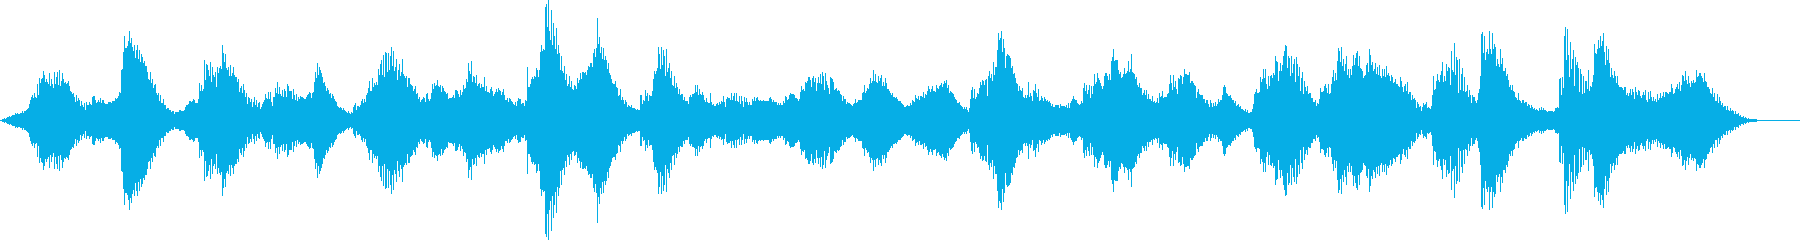 何かが潜んでいるようなホラーアンビエントの再生済みの波形